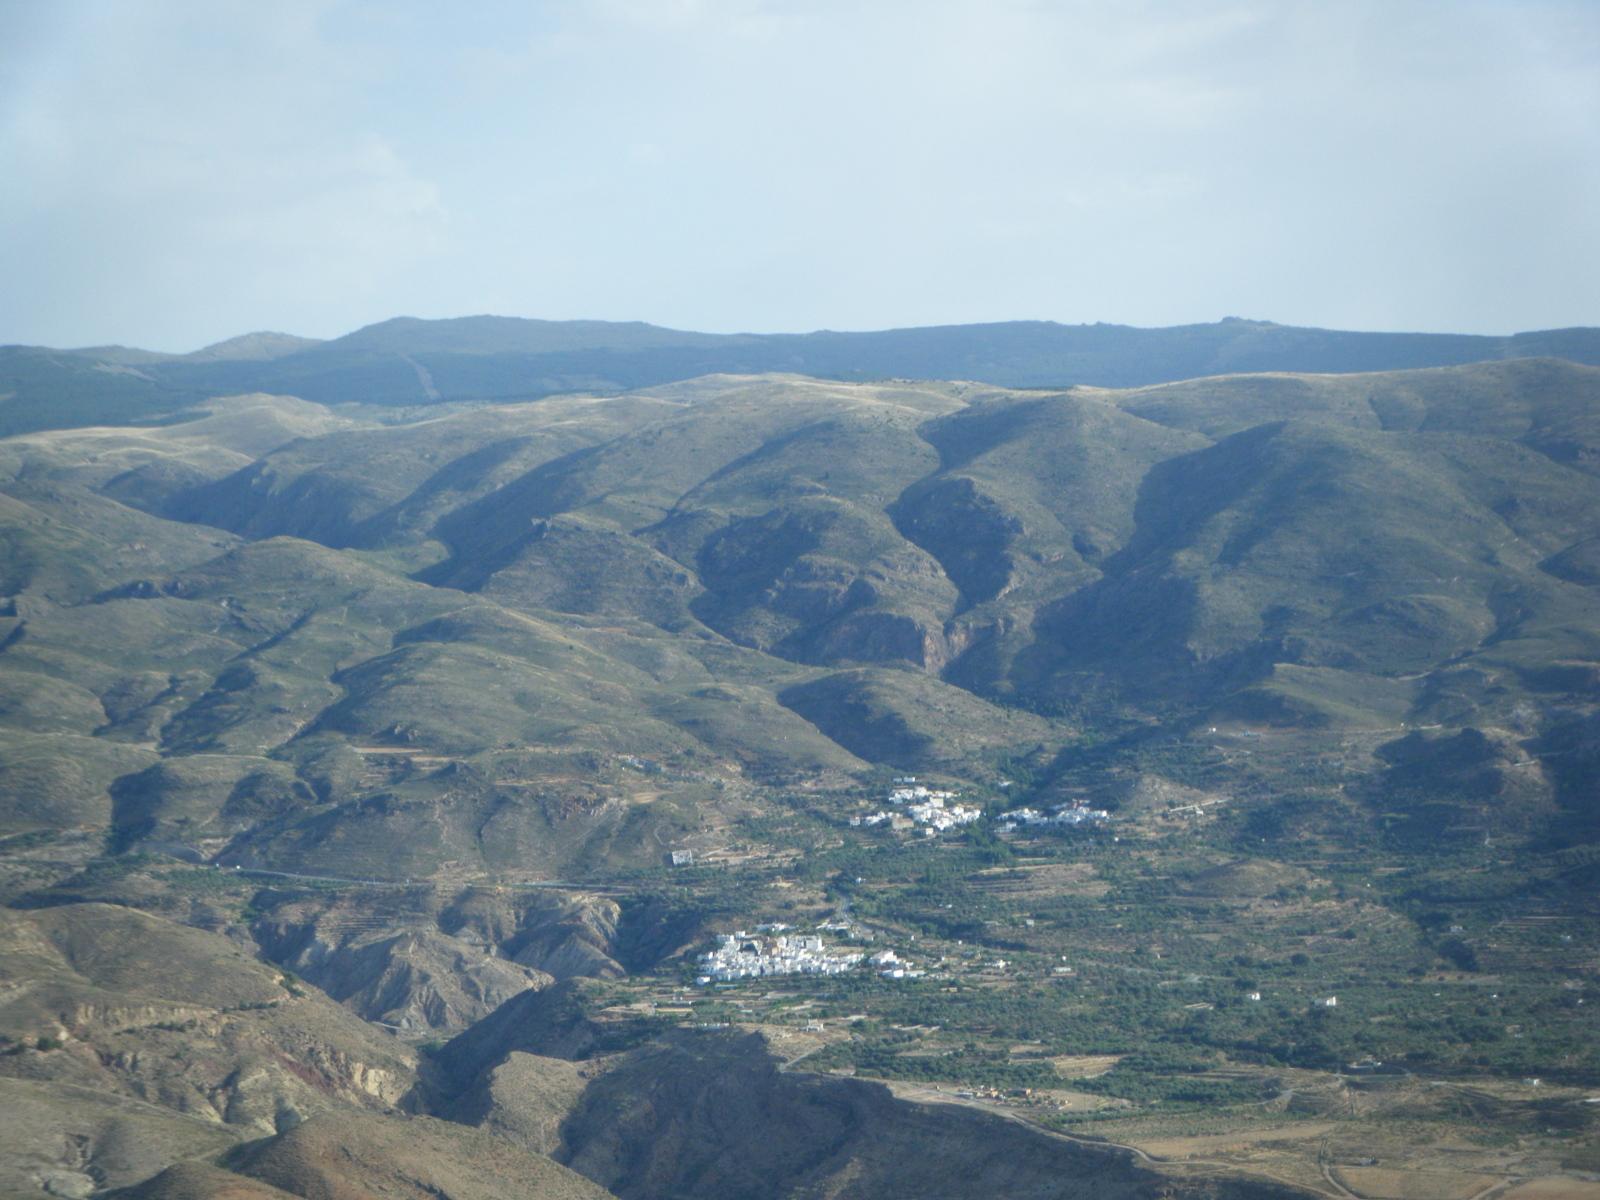 ¿ Mina Ora pró novis? Cerro Quintana, Canjáyar, Almeria, Andalucia, España 256ve35